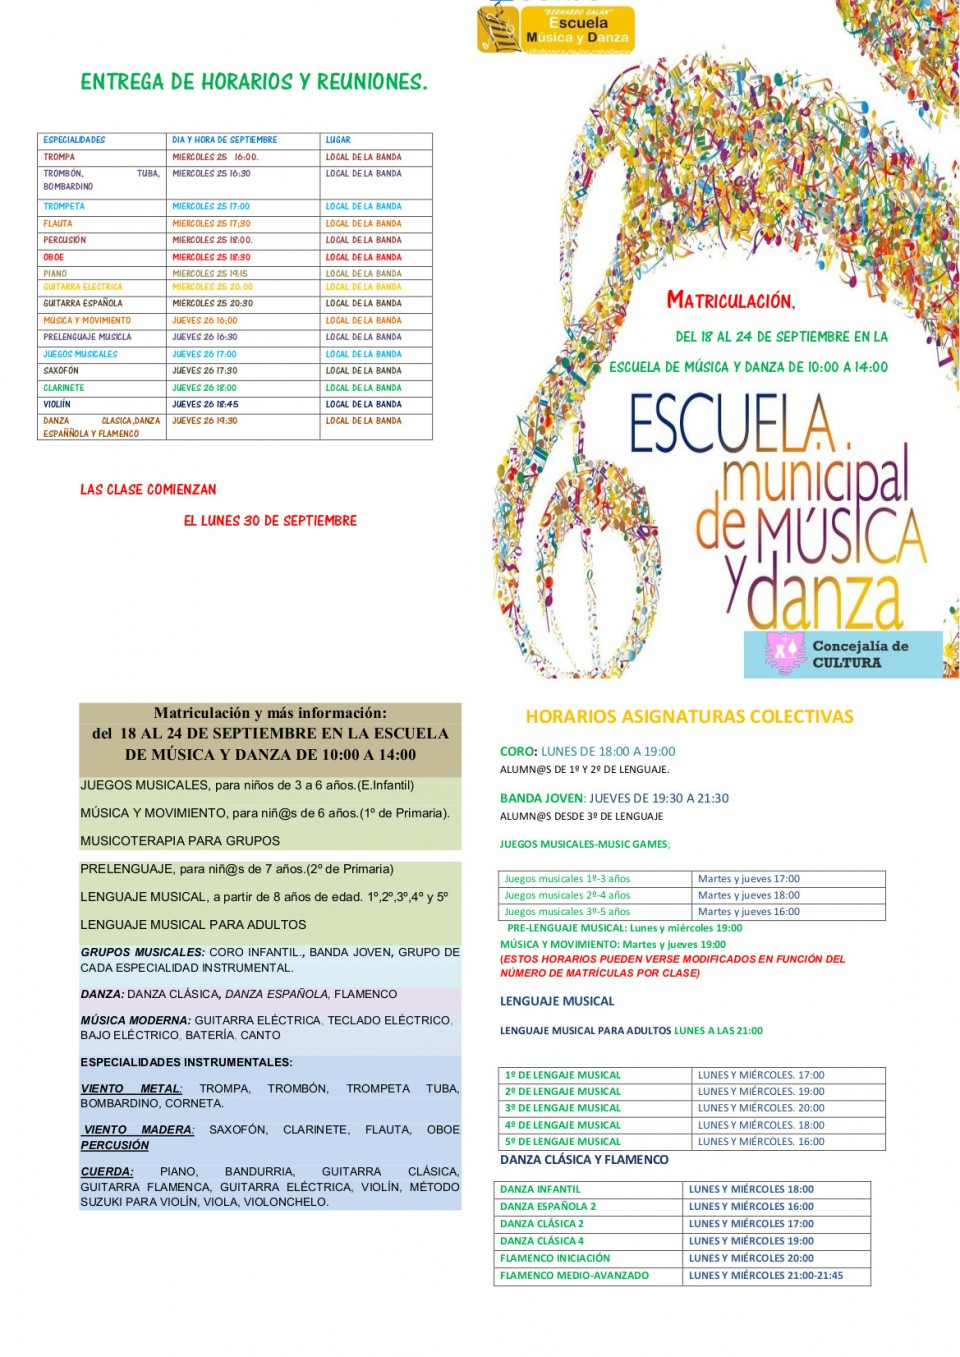 Matriculación y horarios Escuela de Música